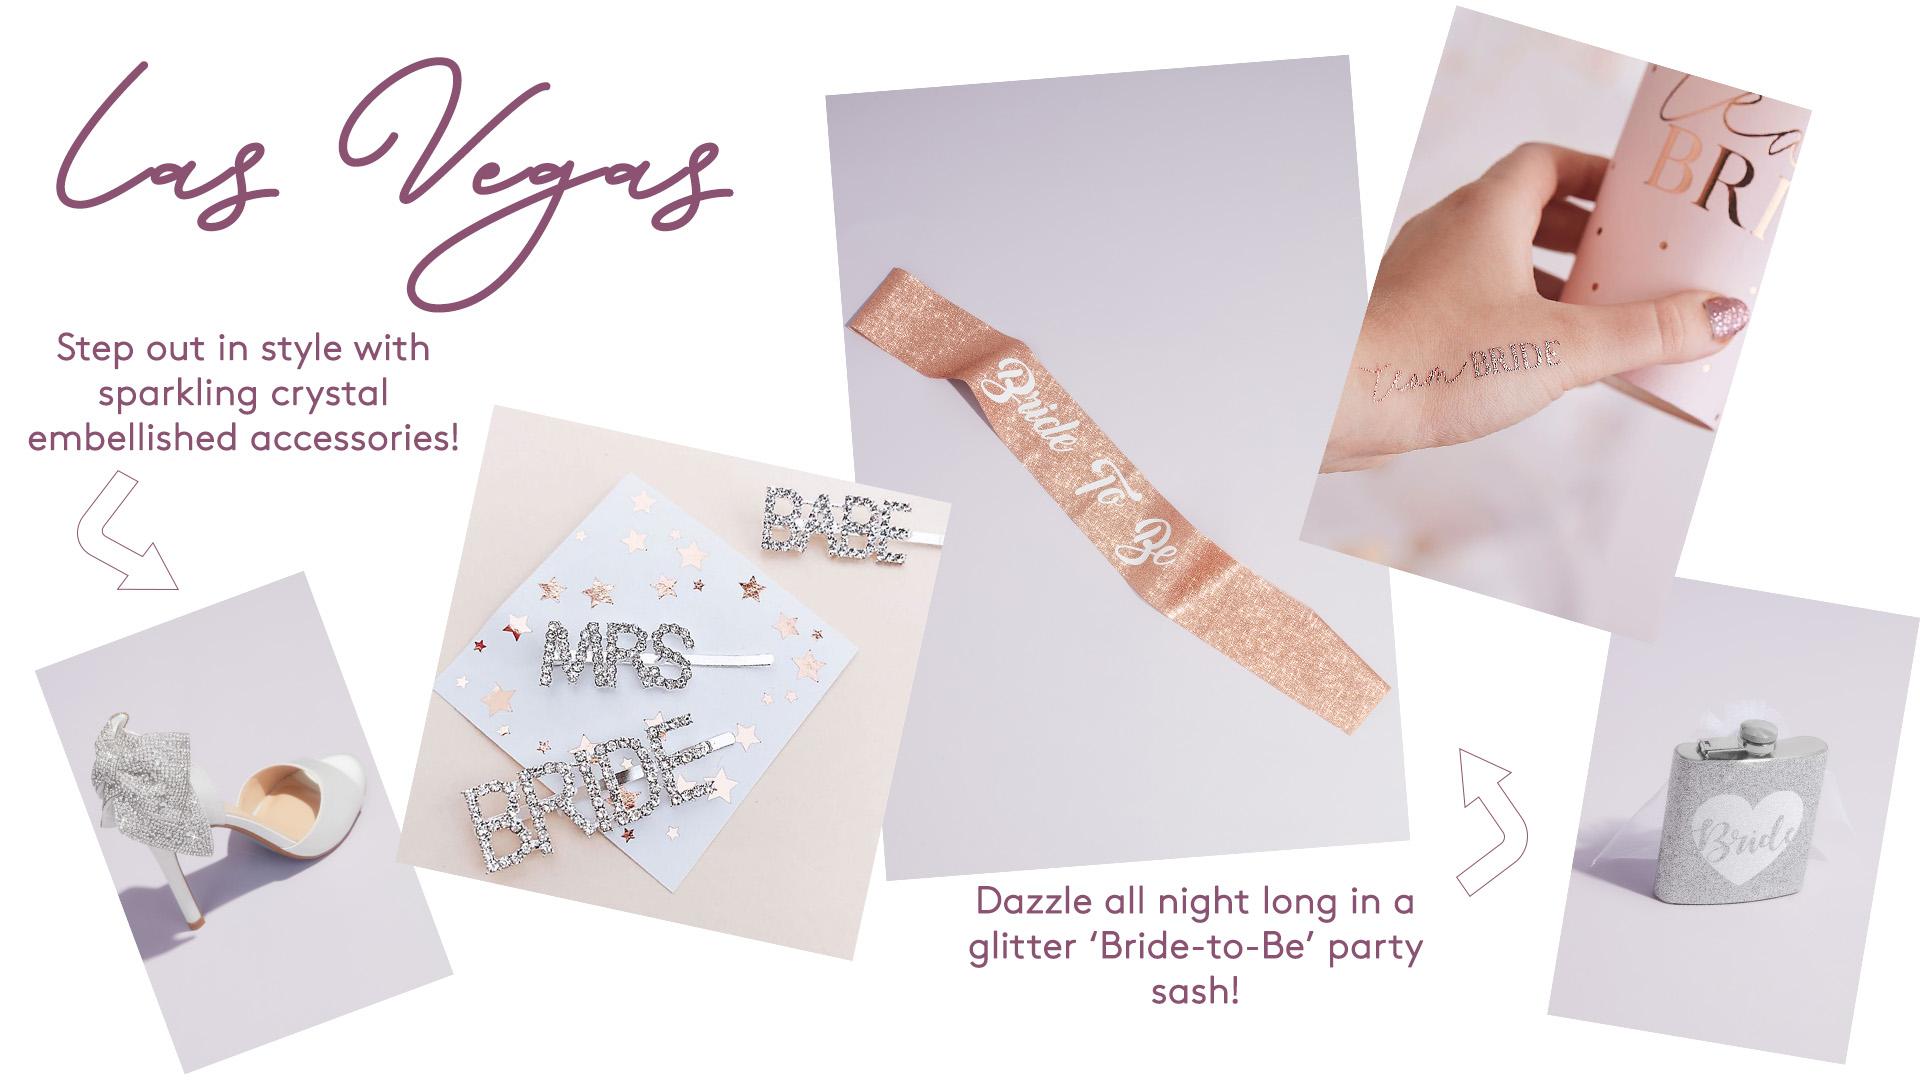 las vegas bachelorette party gifts